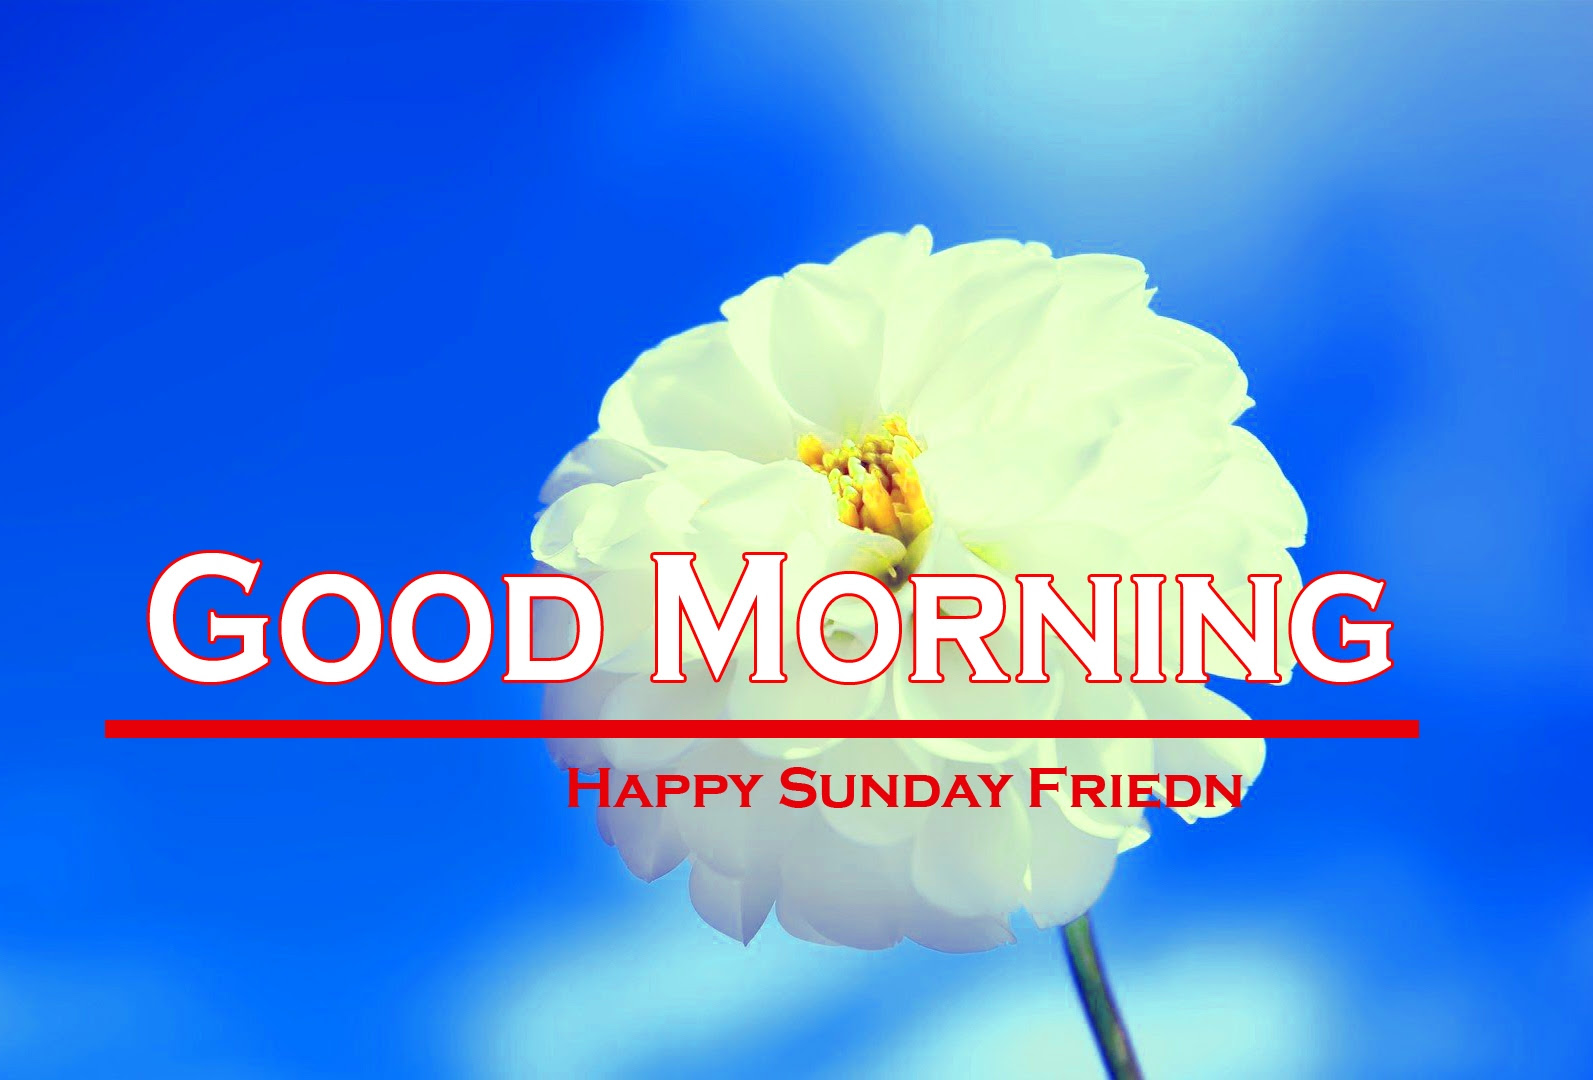 Sunday Good Morning Images 2 1